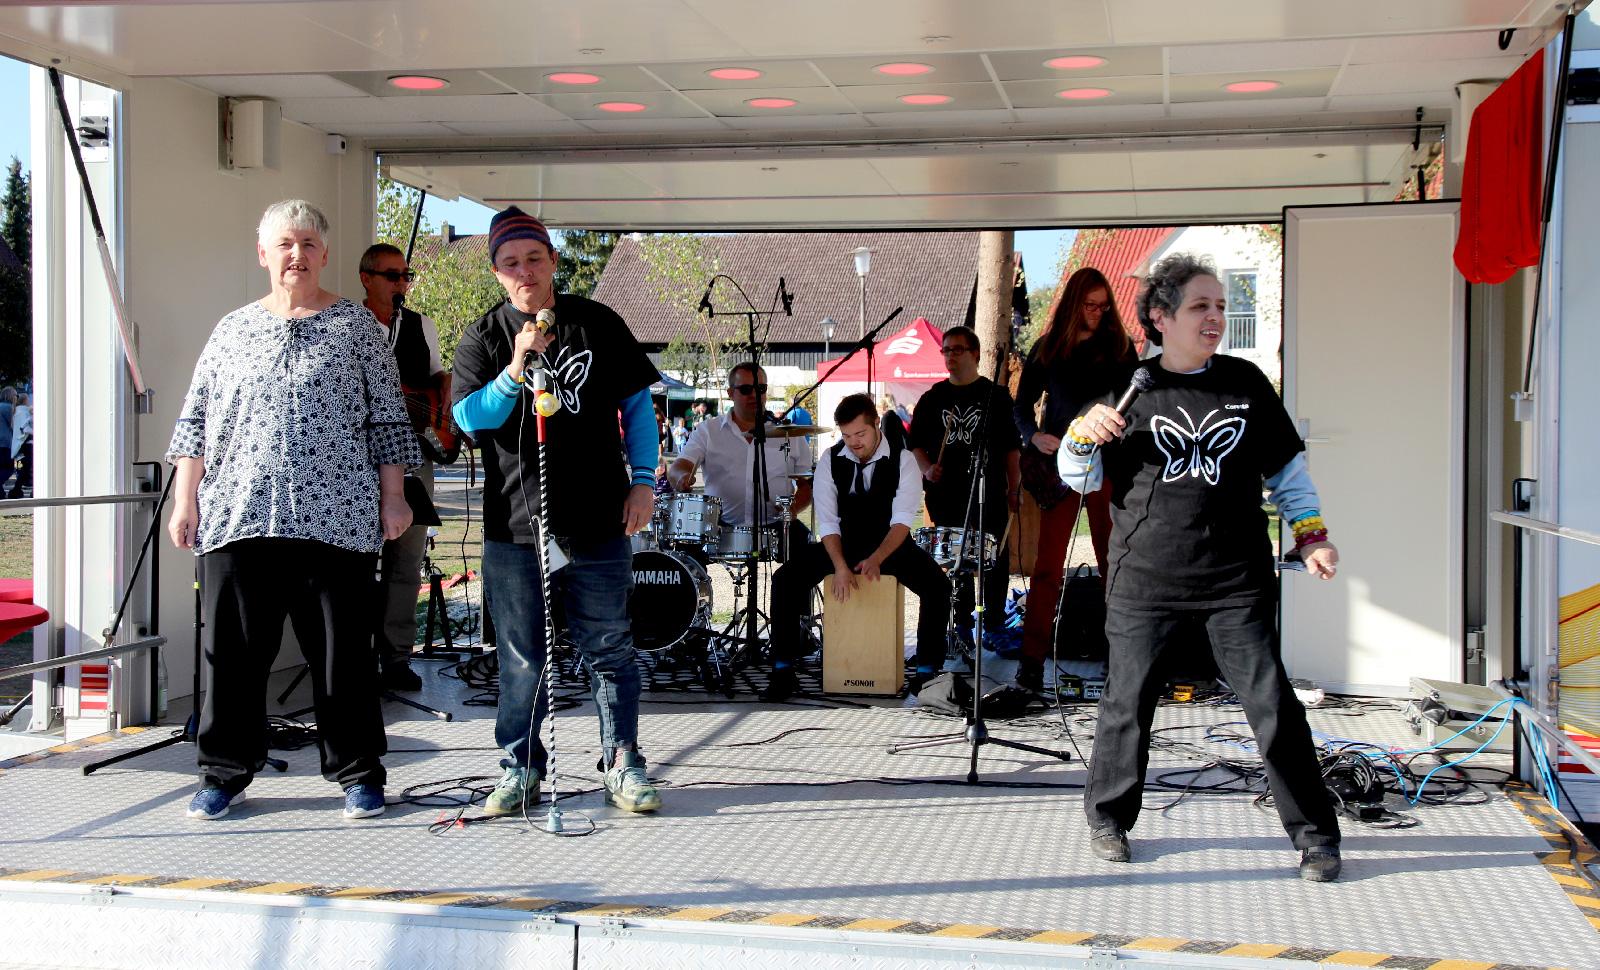 (K)eine ganz normale Band: Die Schmetterlinge. Musiker mit und ohne Handicaps im Einklang. Das Publikum tanzte und klatschte zu den eigenen Songs der Formation.